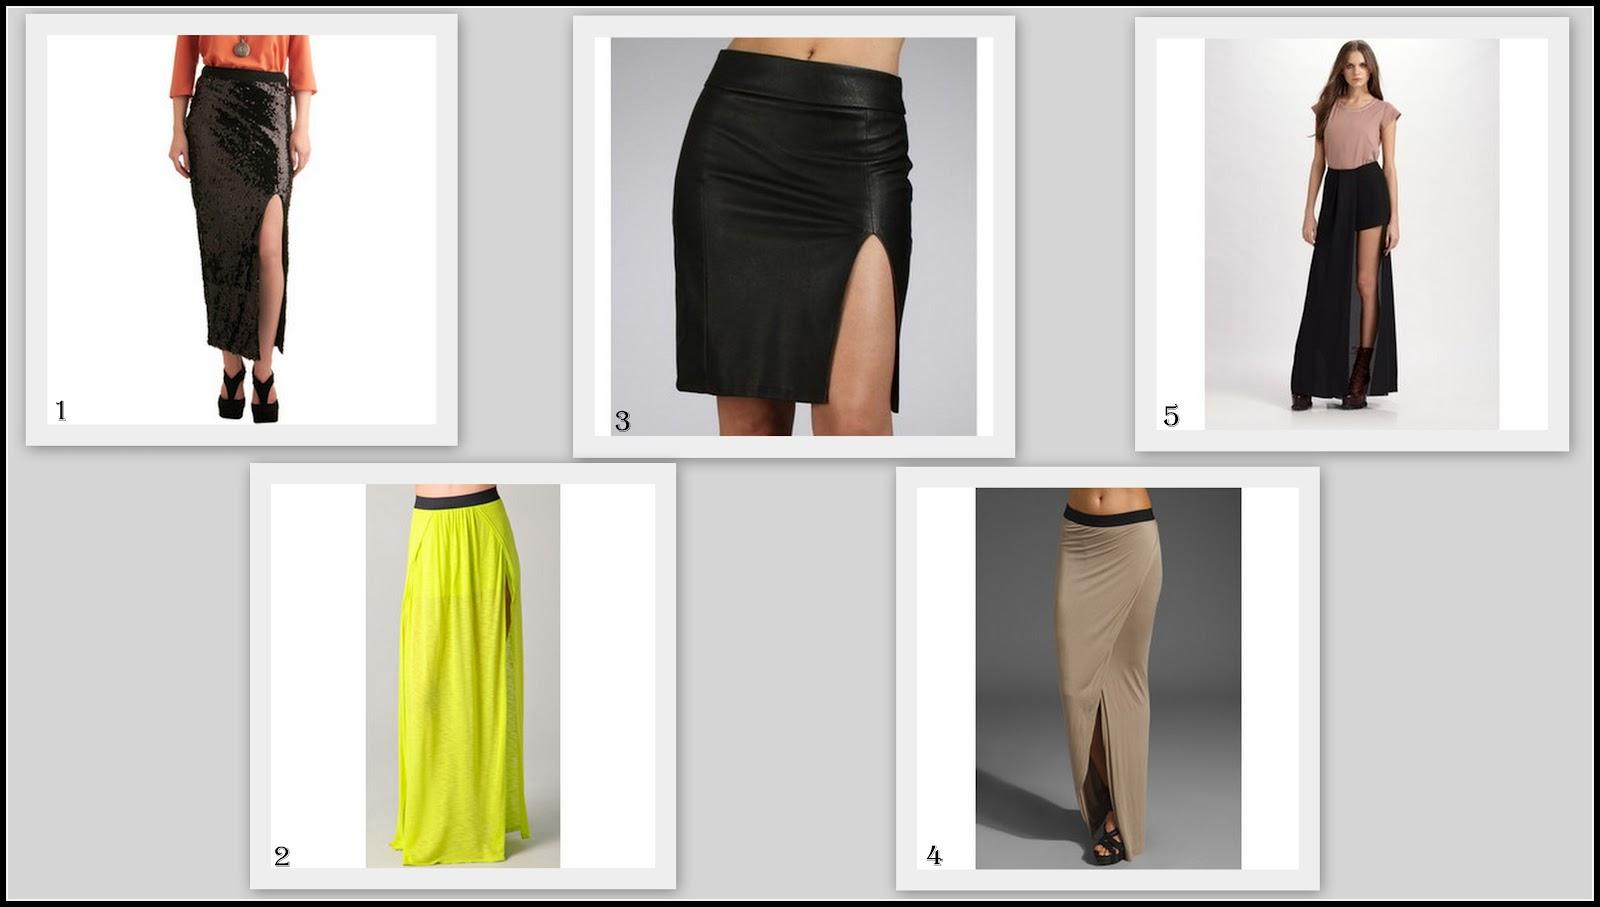 http://1.bp.blogspot.com/-wXca-PnNctk/T0v2uUz1SzI/AAAAAAAABg4/VqoQrNvaA_0/s1600/high+slit+skirts-+2012.jpg